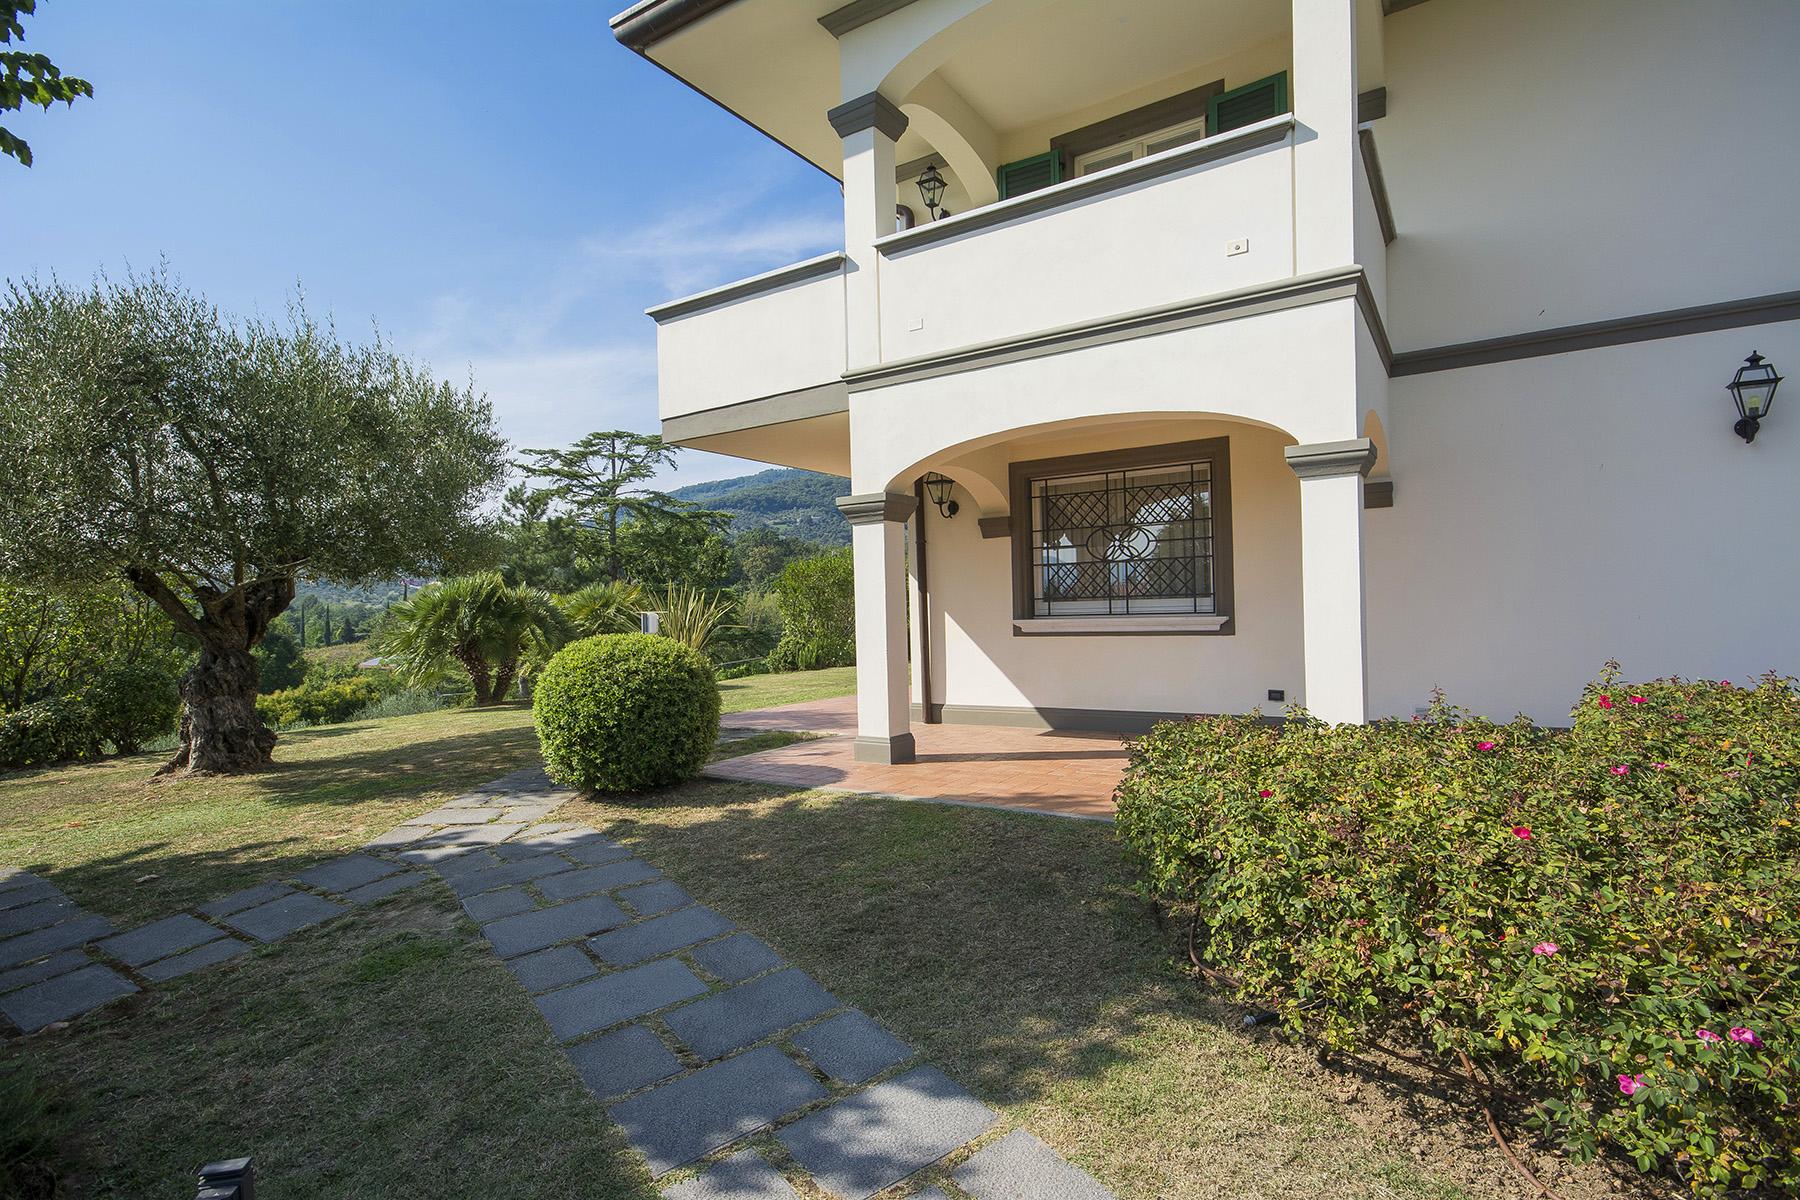 Casa indipendente in Vendita a Lucca: 5 locali, 300 mq - Foto 23